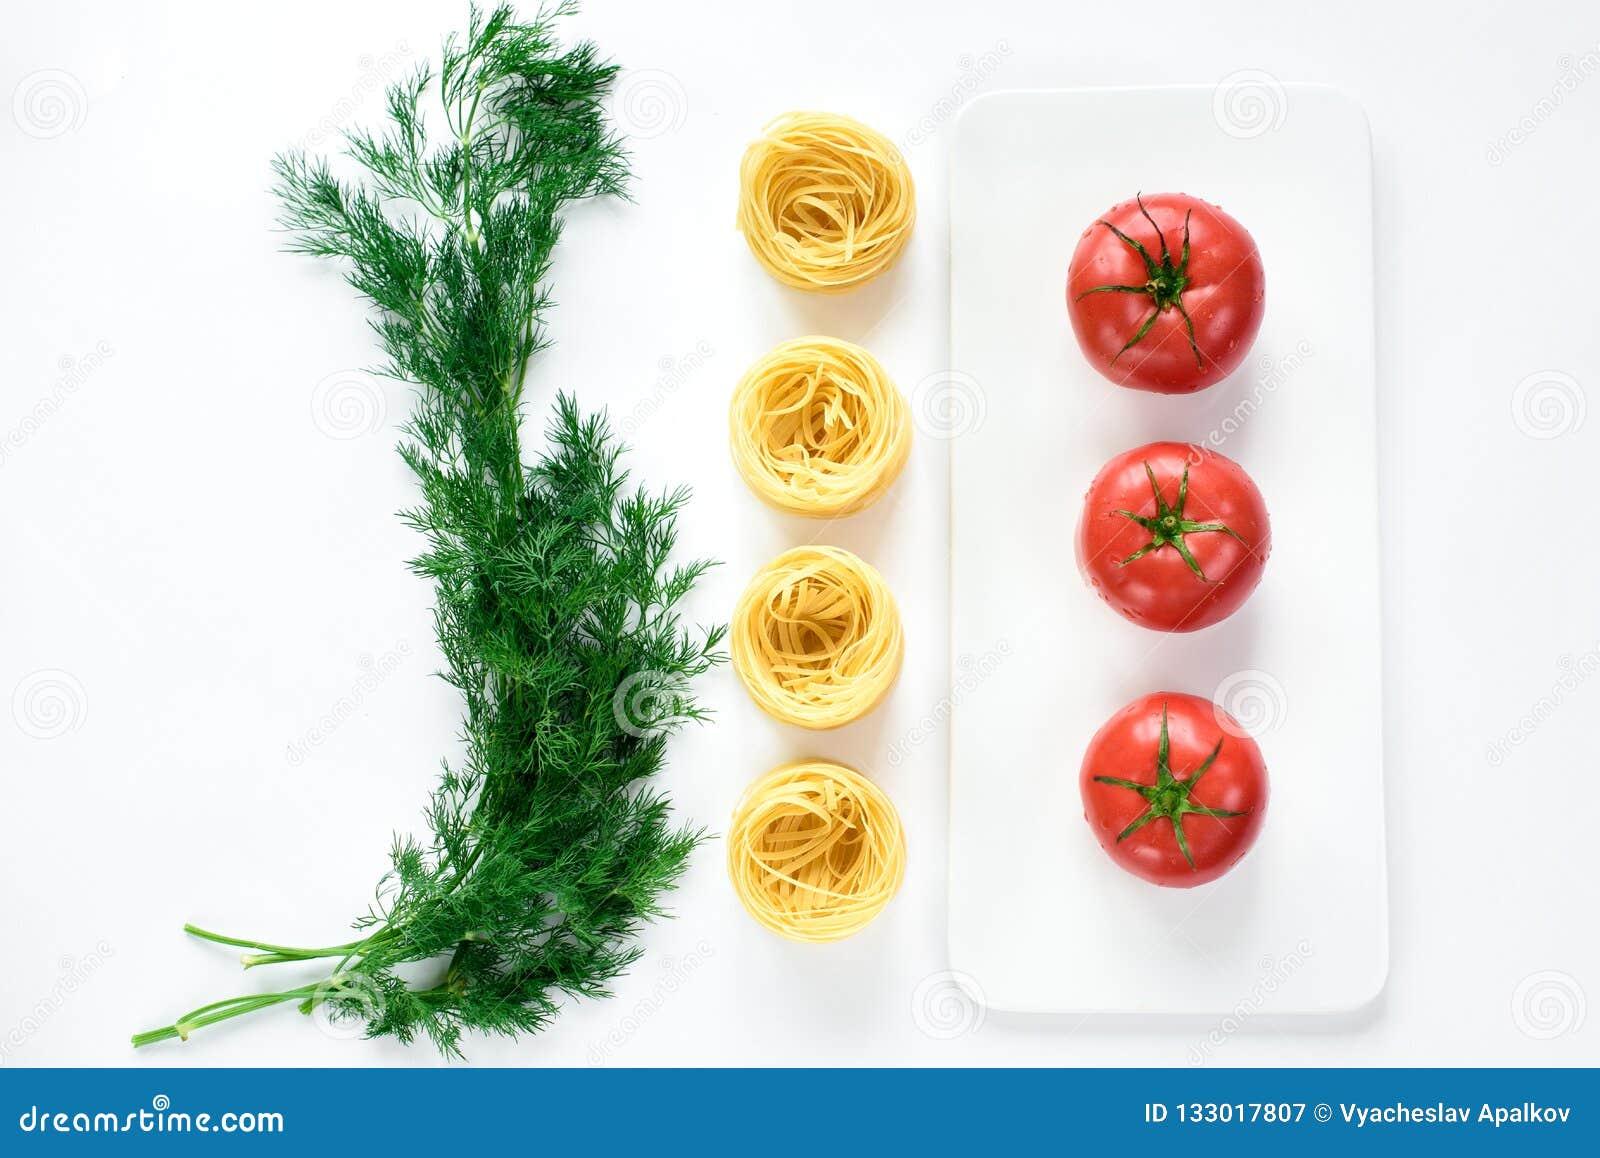 Ευθυγραμμισμένη αντίθεση των κόκκινων ντοματών σε ένα πιάτο